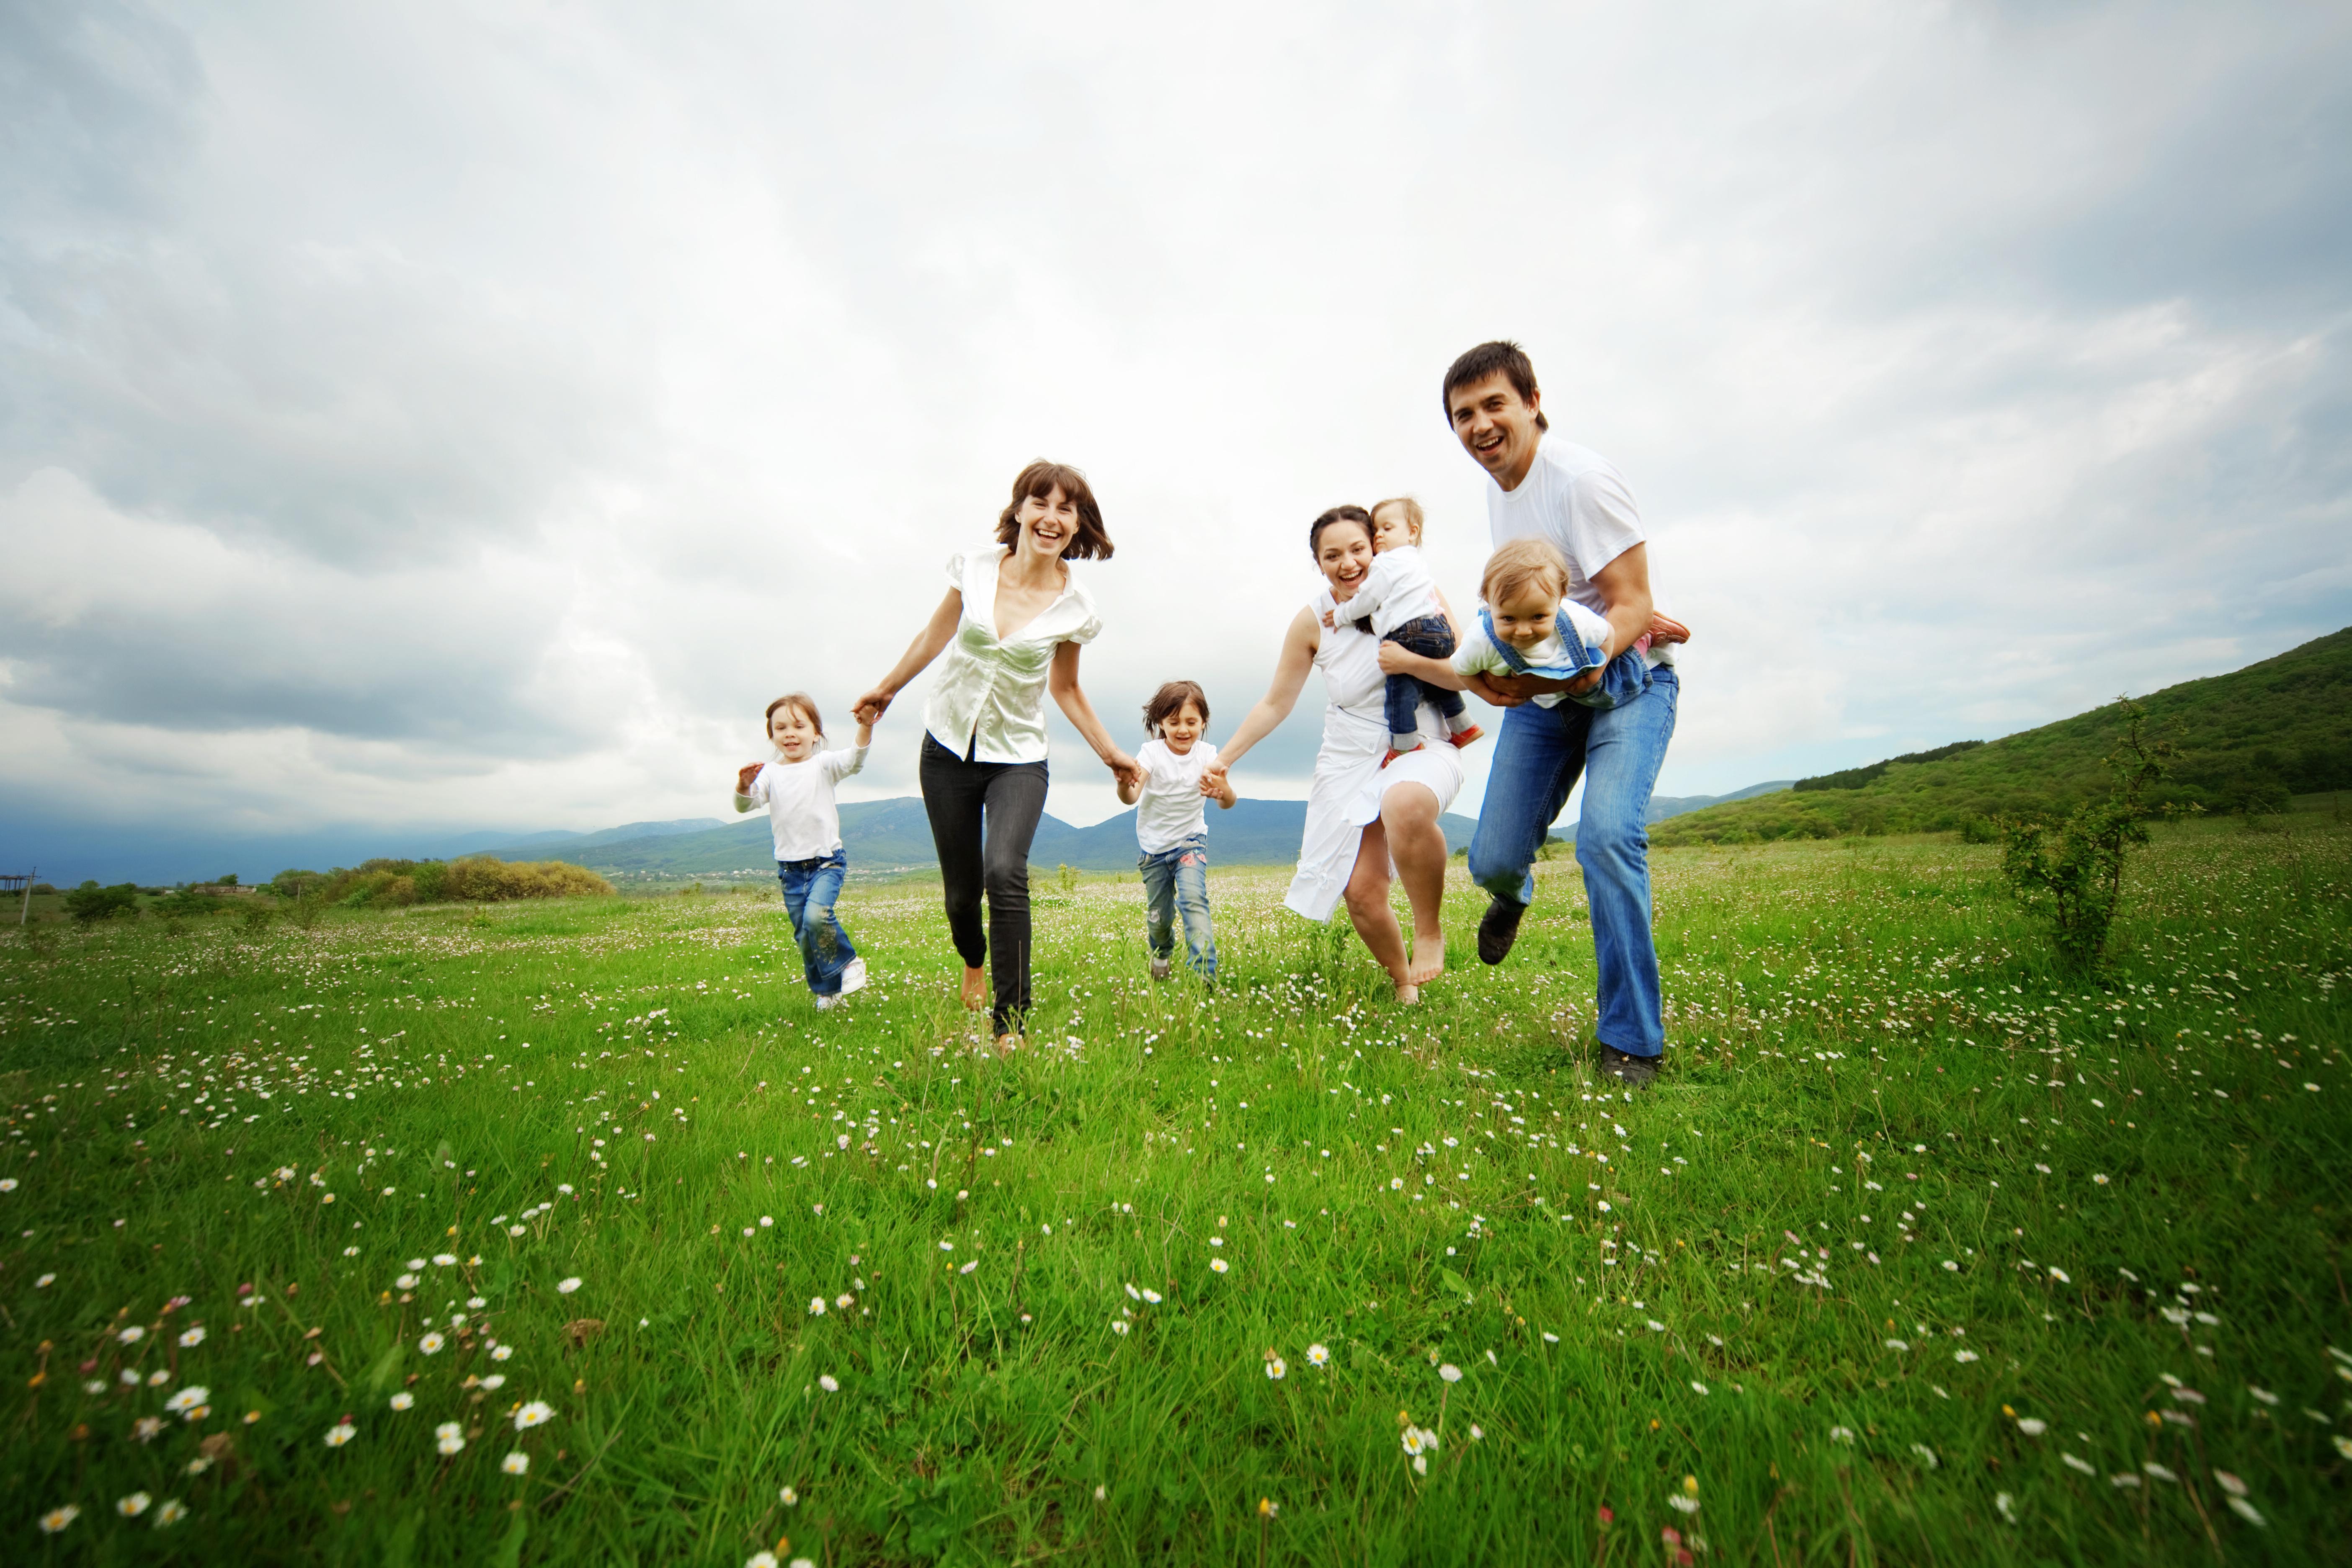 каждый эскиз картинка щастя здоровья деревне вырос, нас